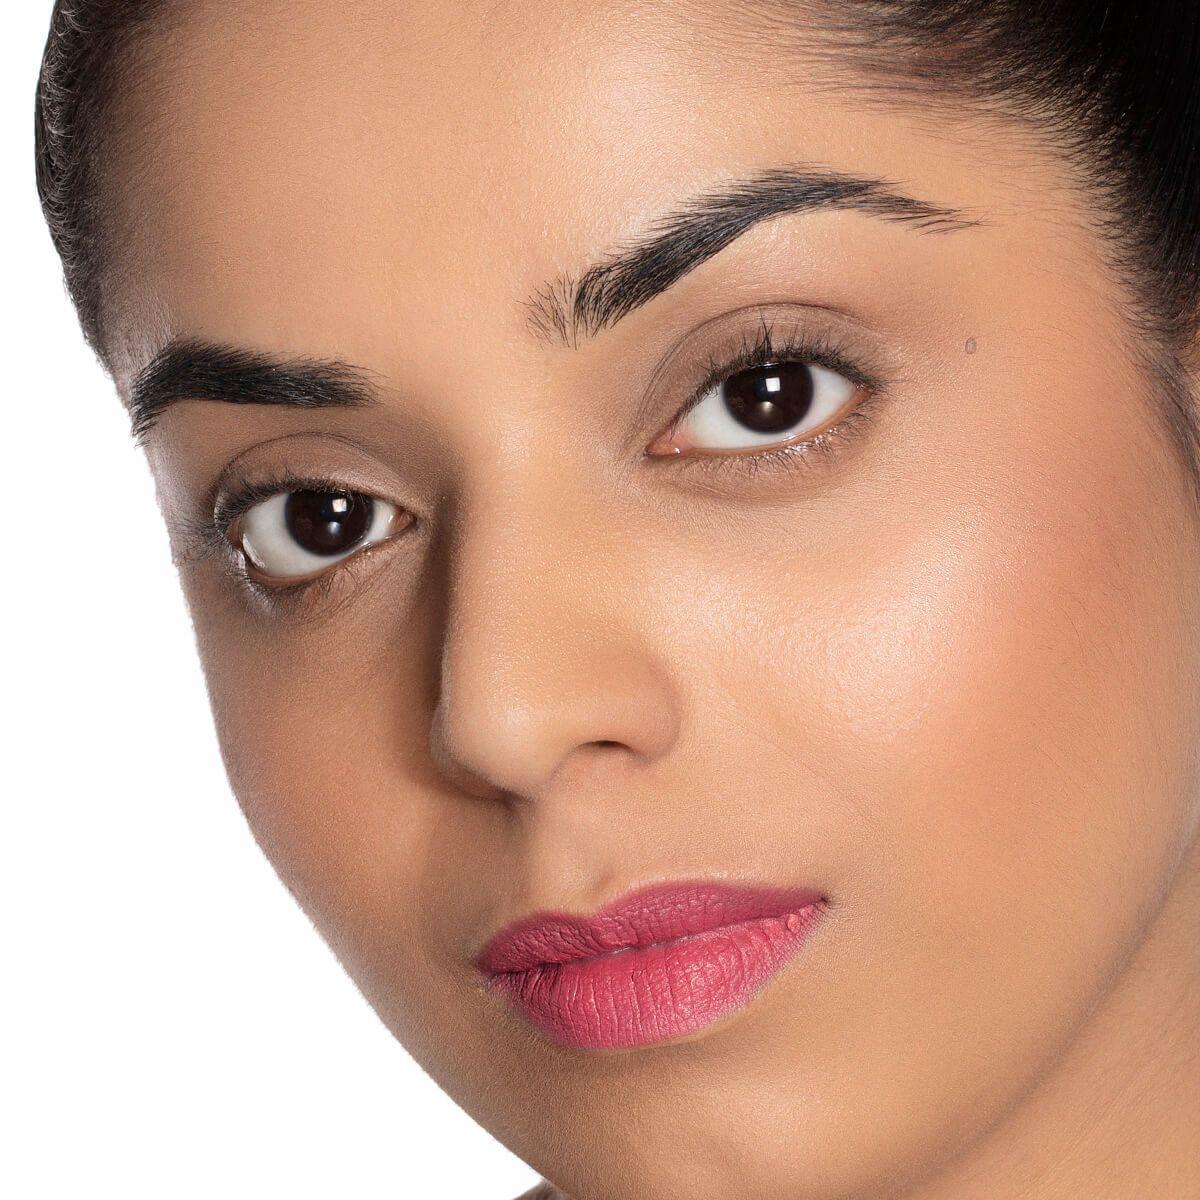 Vsco Girl S Makeup Look Myglamm